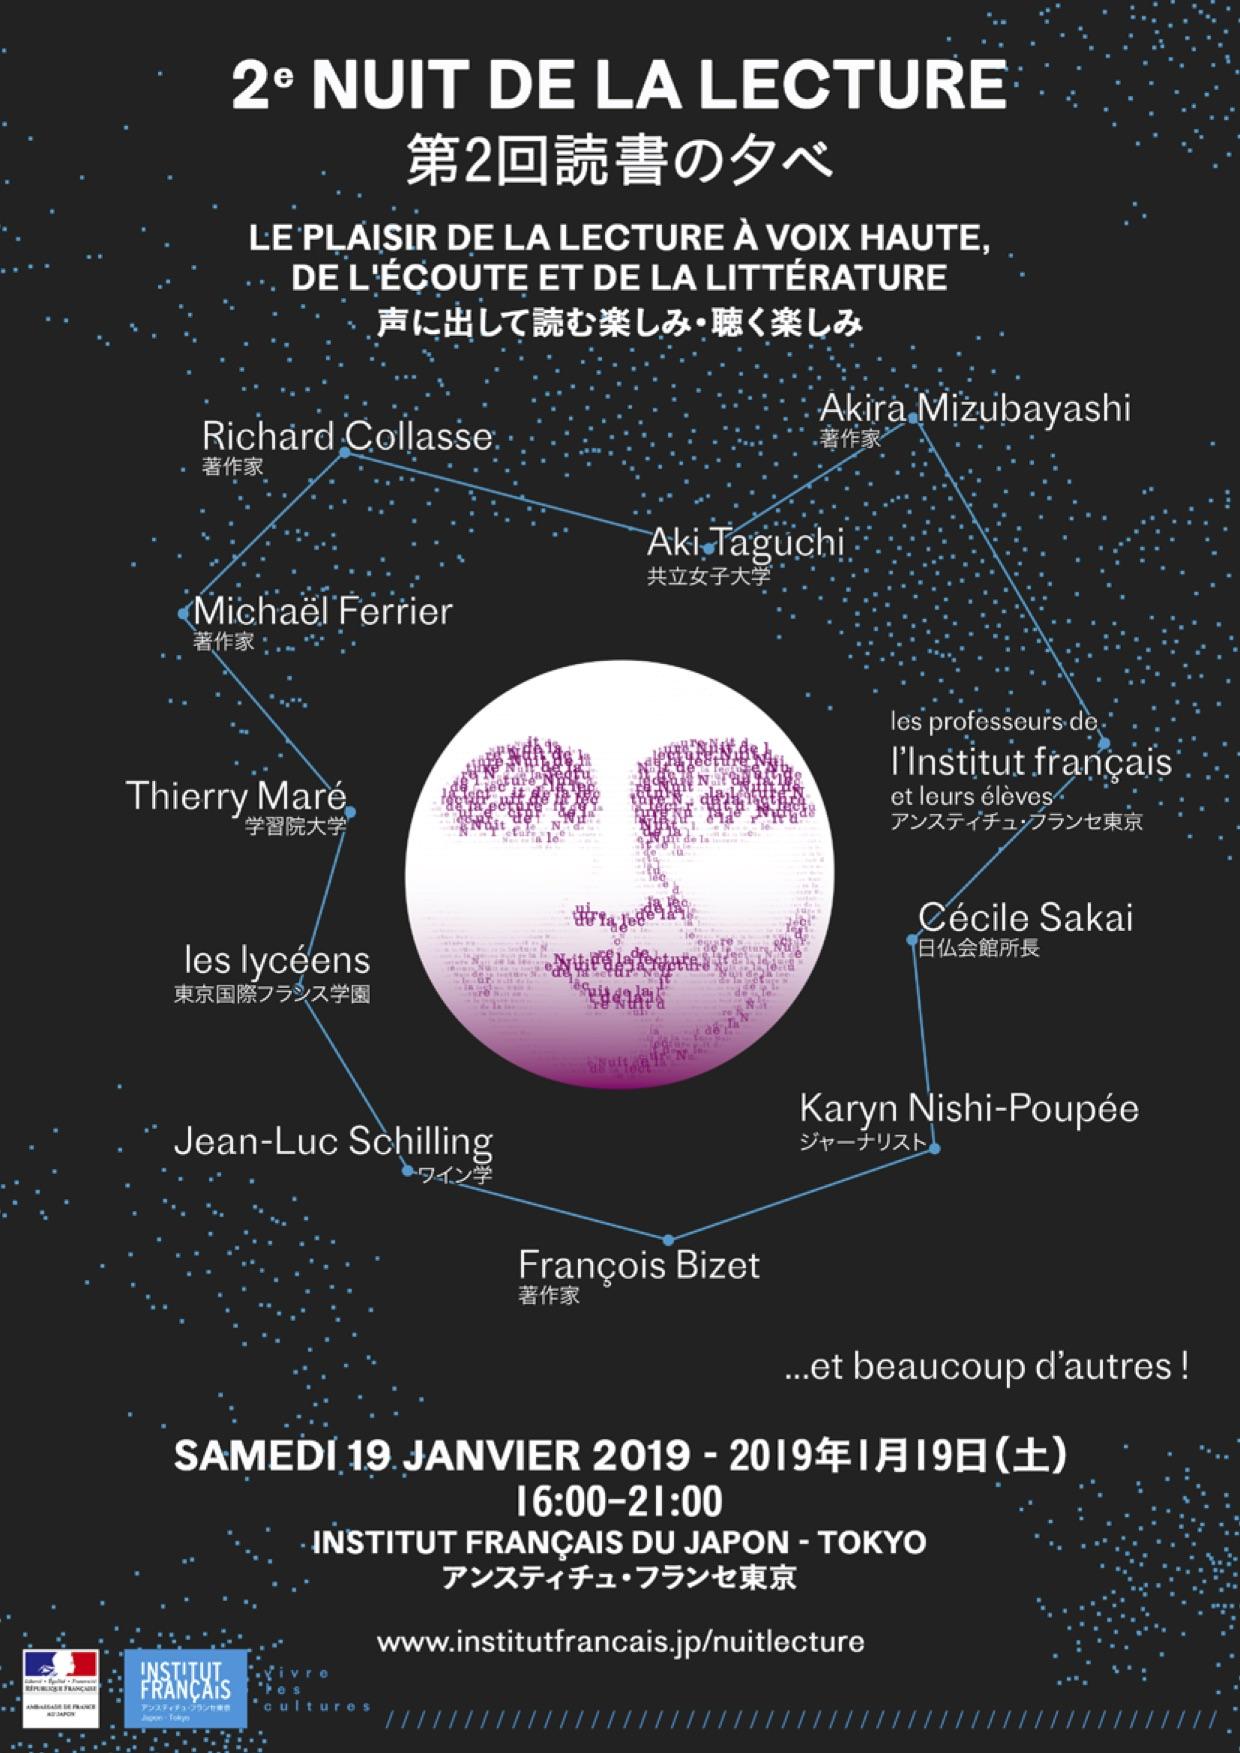 Nuit de la Lecture 2019 Tokyo